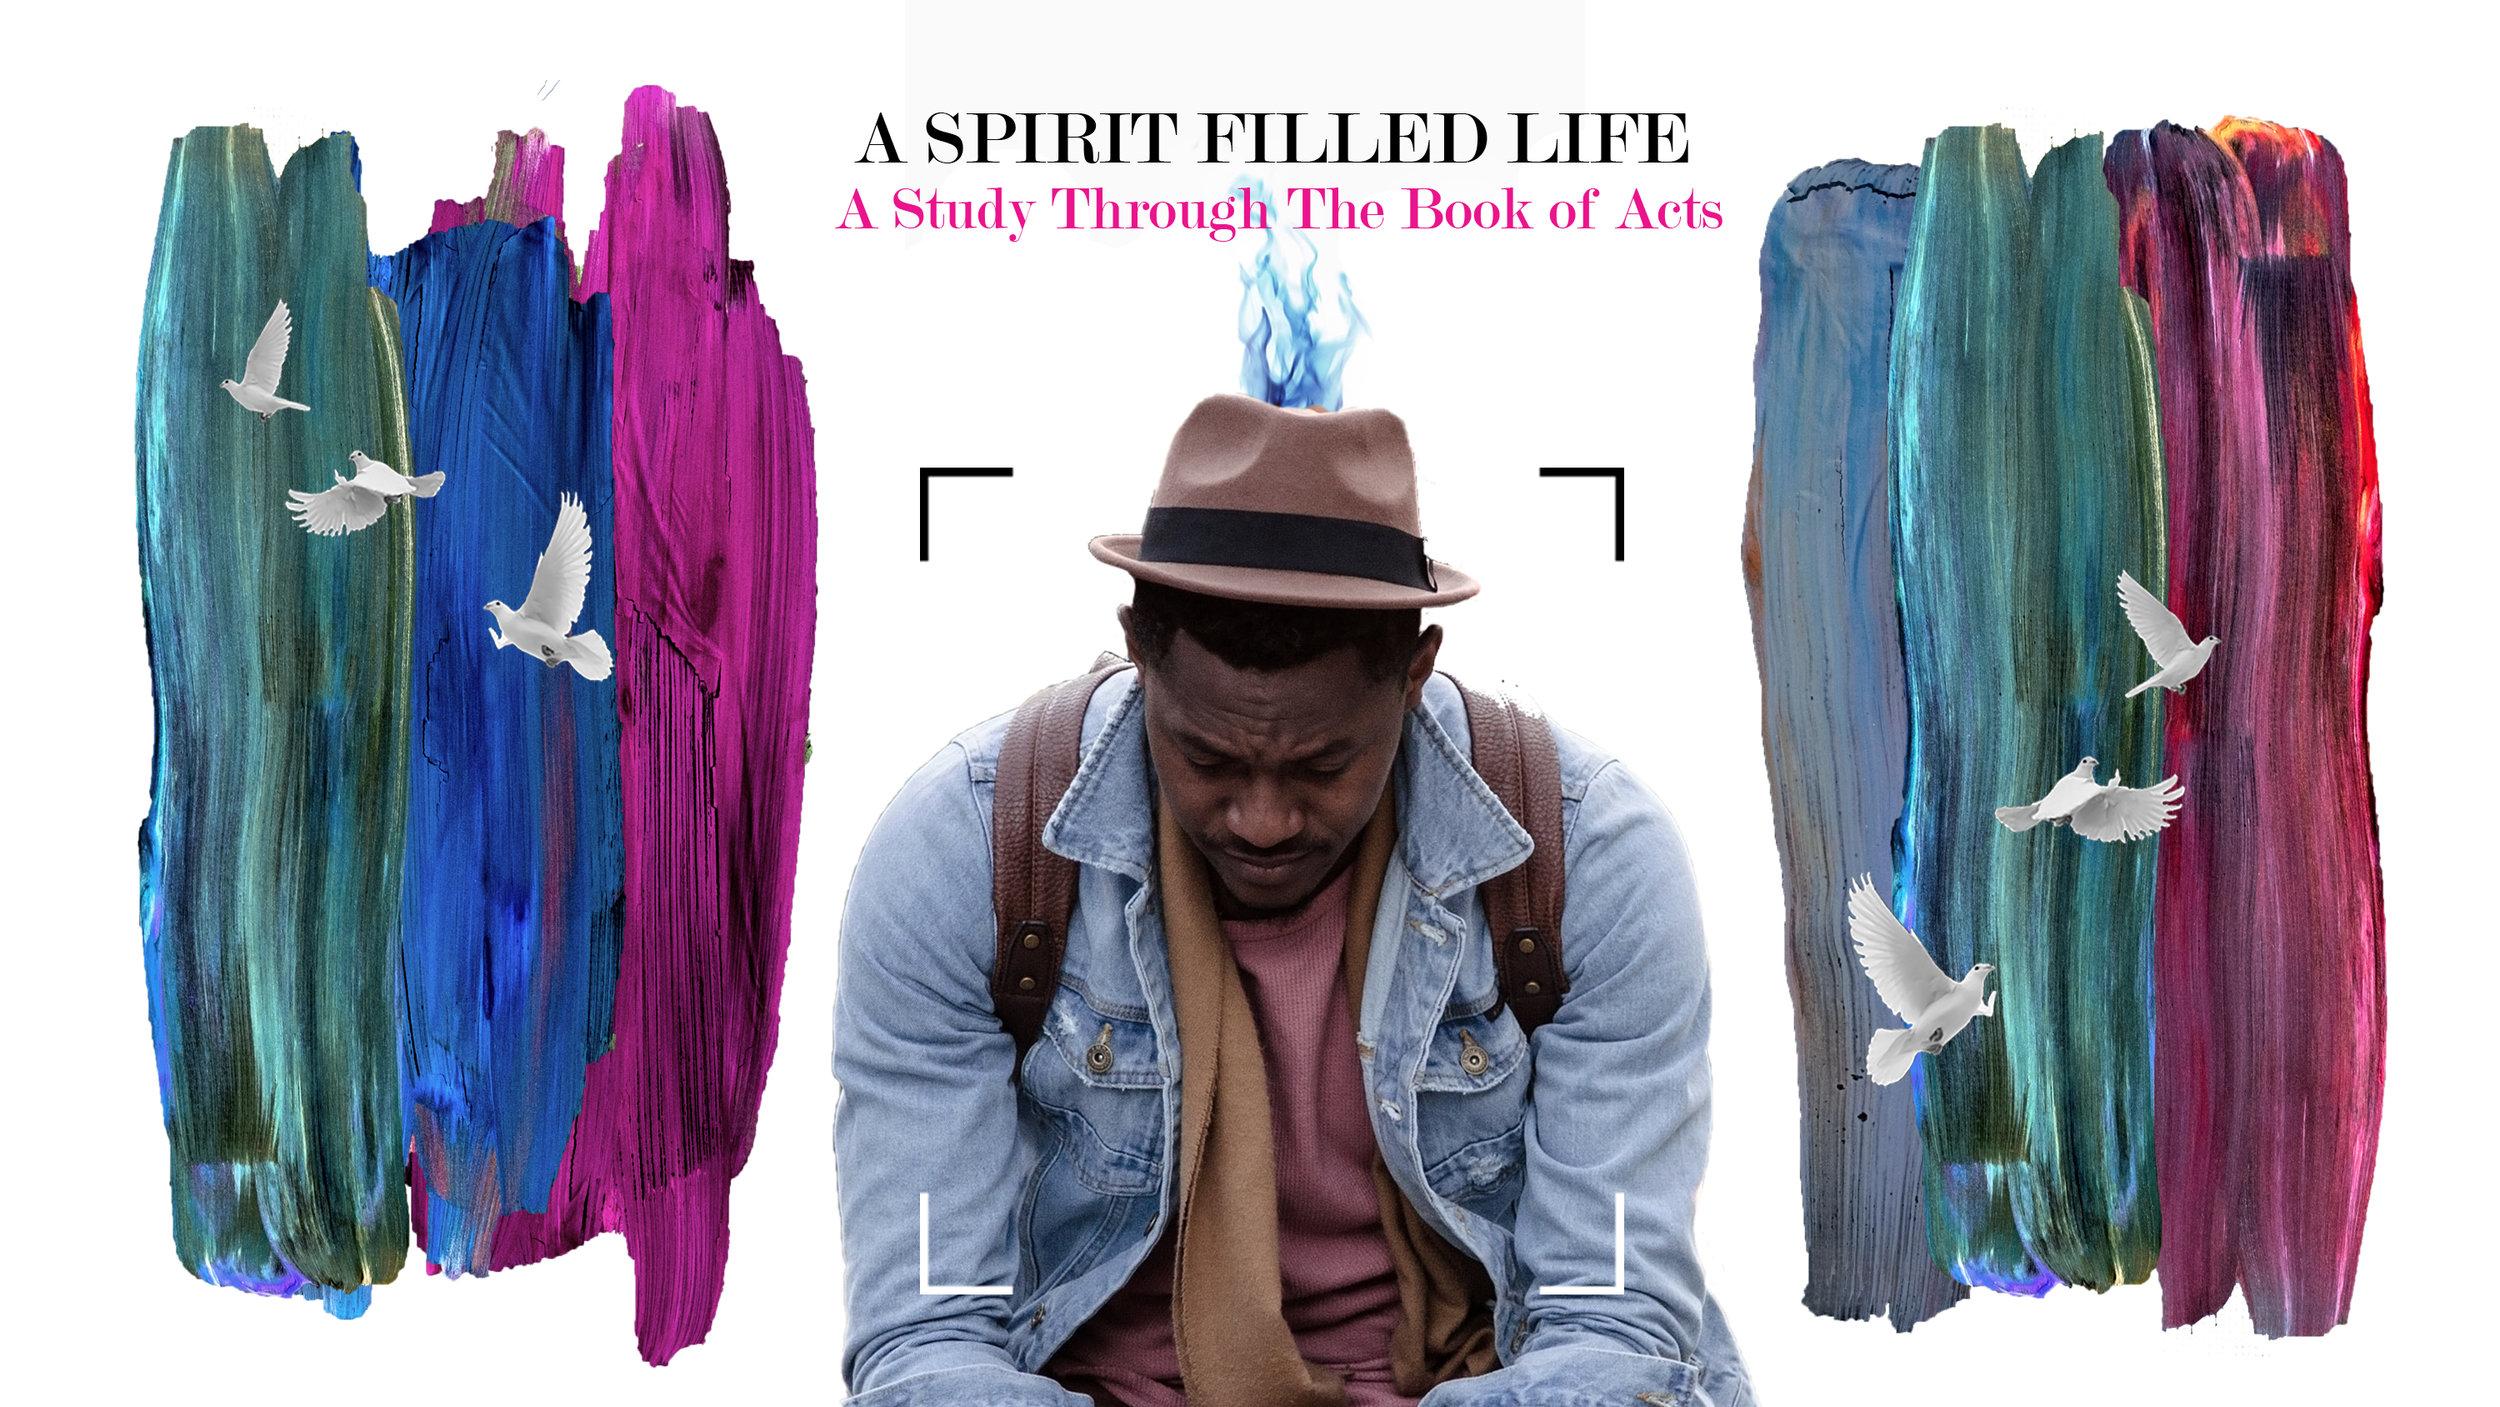 A Spirit Filled Life (title).jpg